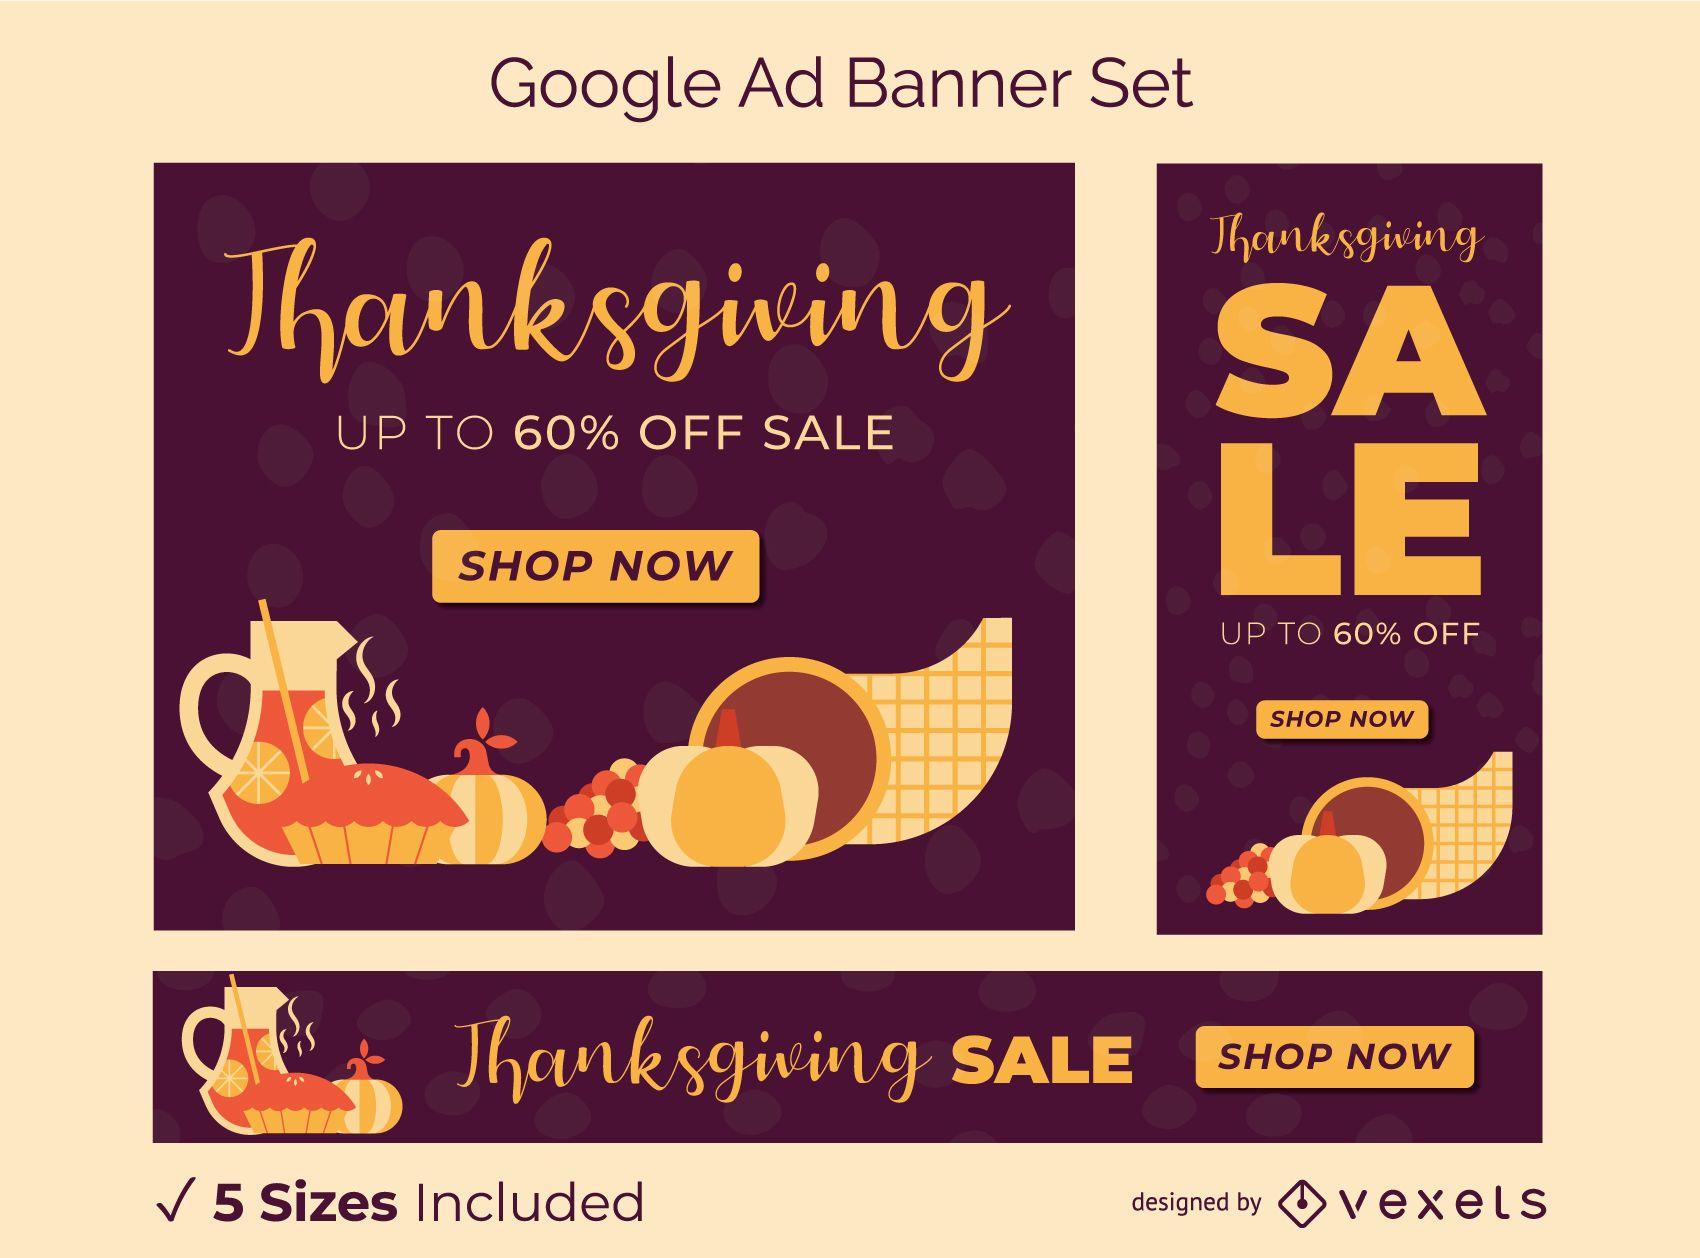 Conjunto de banners publicitarios de Google de acción de gracias